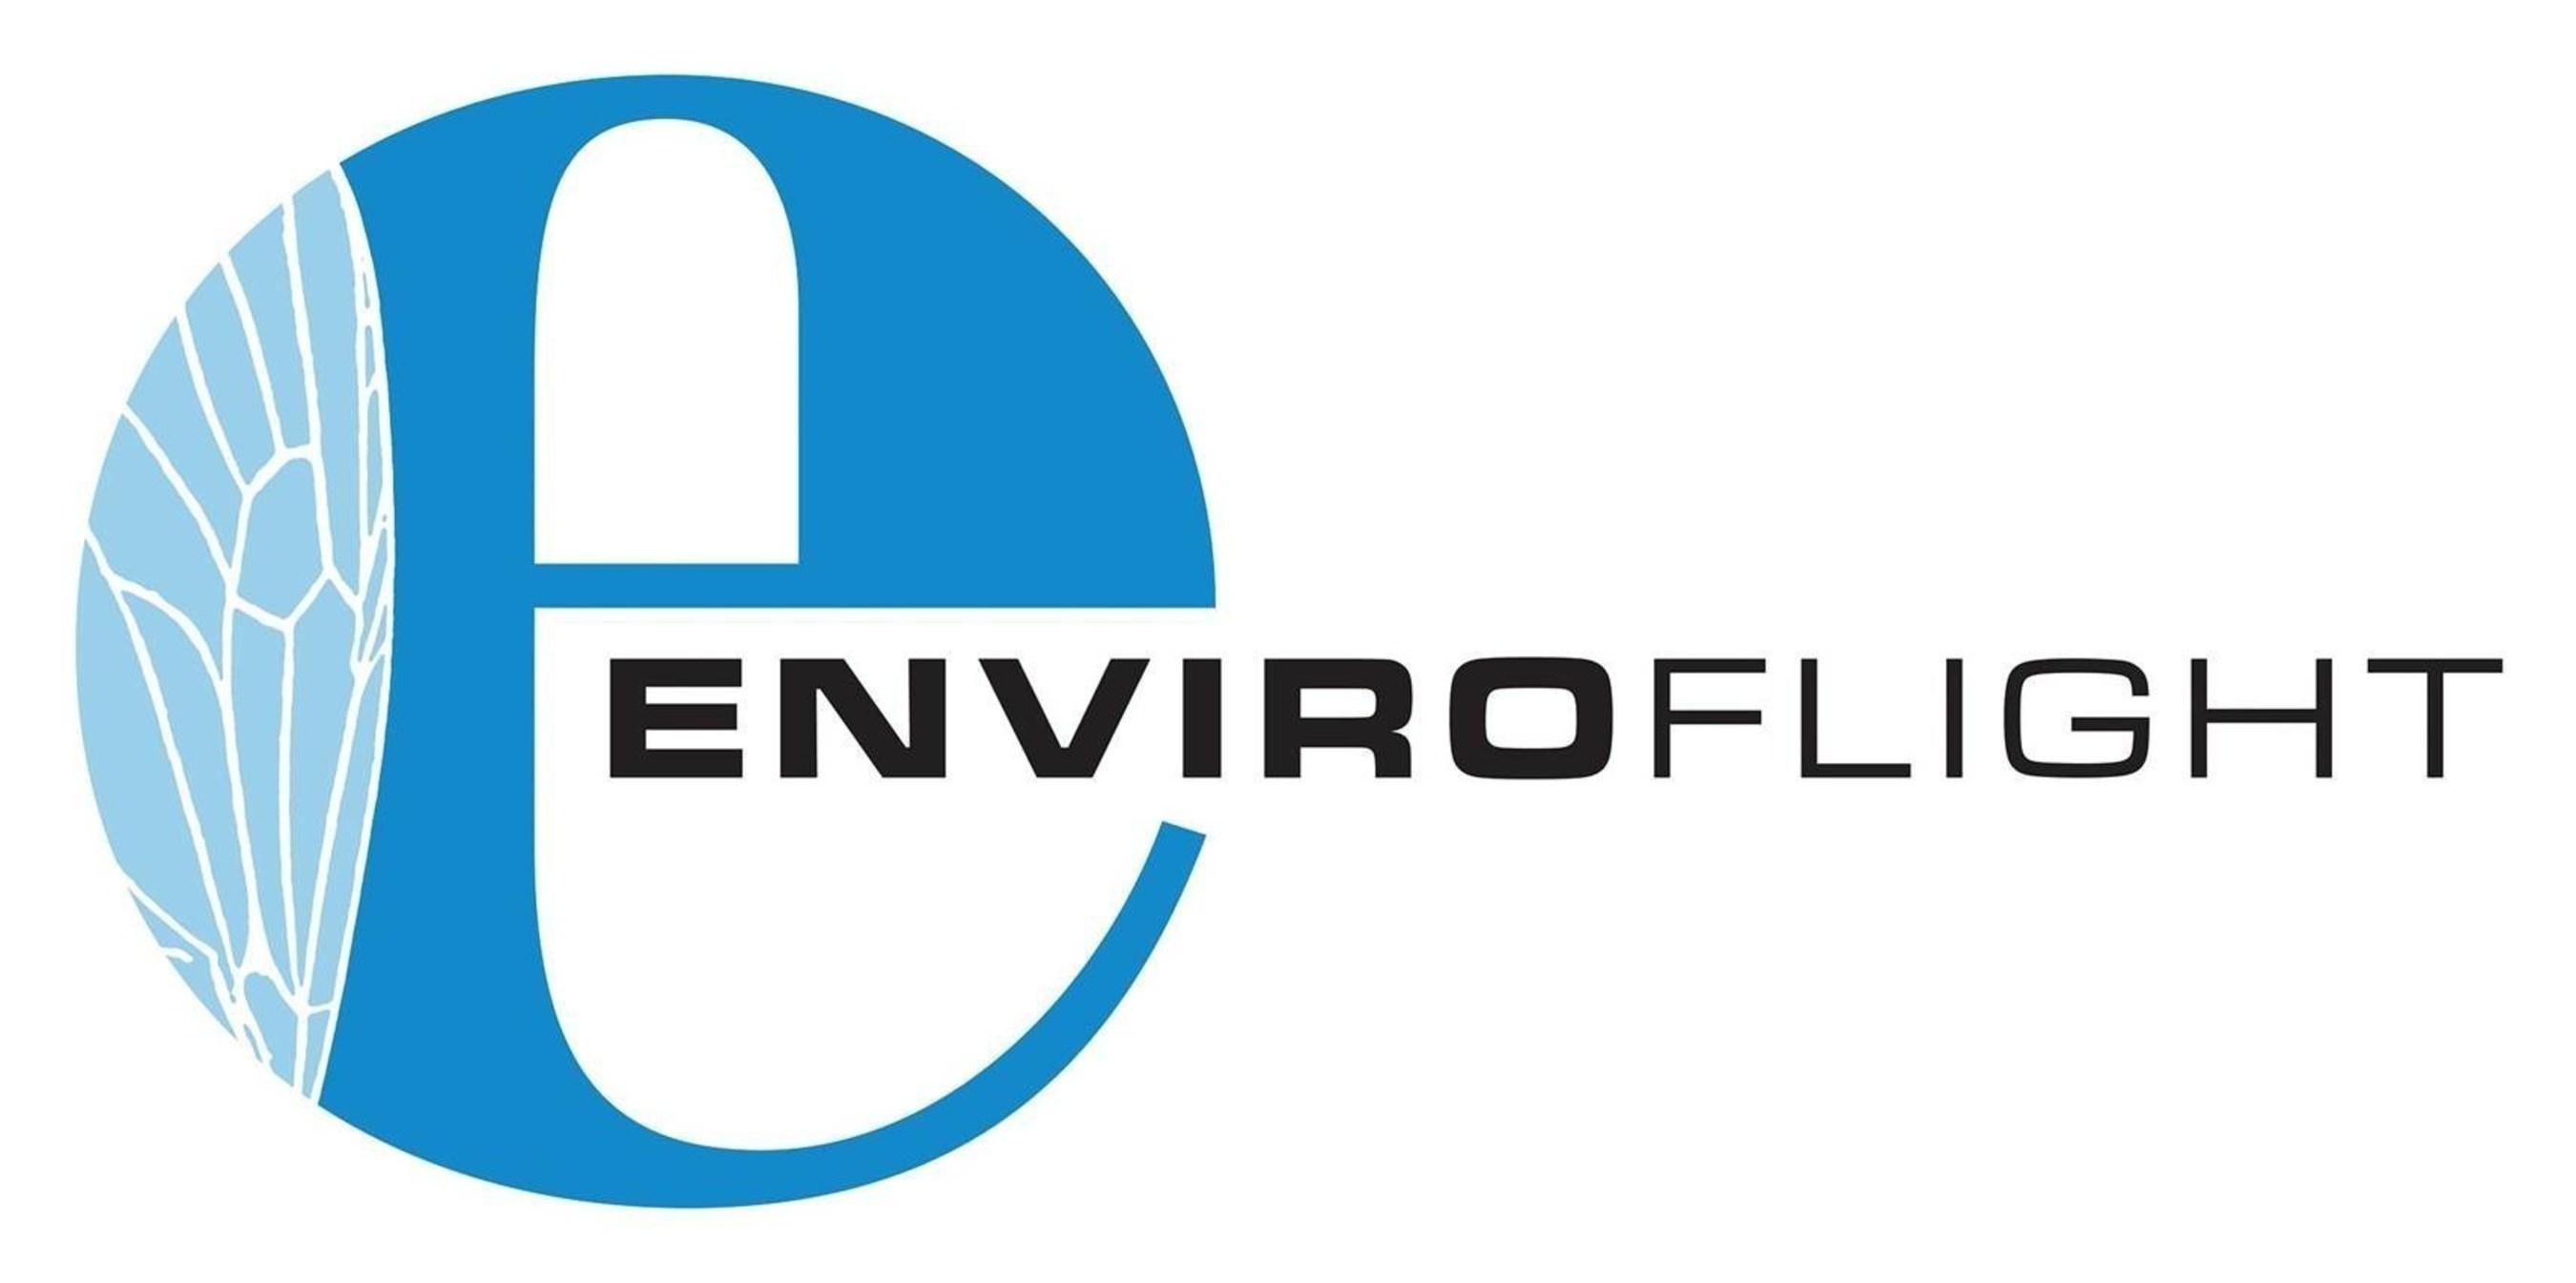 EnviroFlight logo